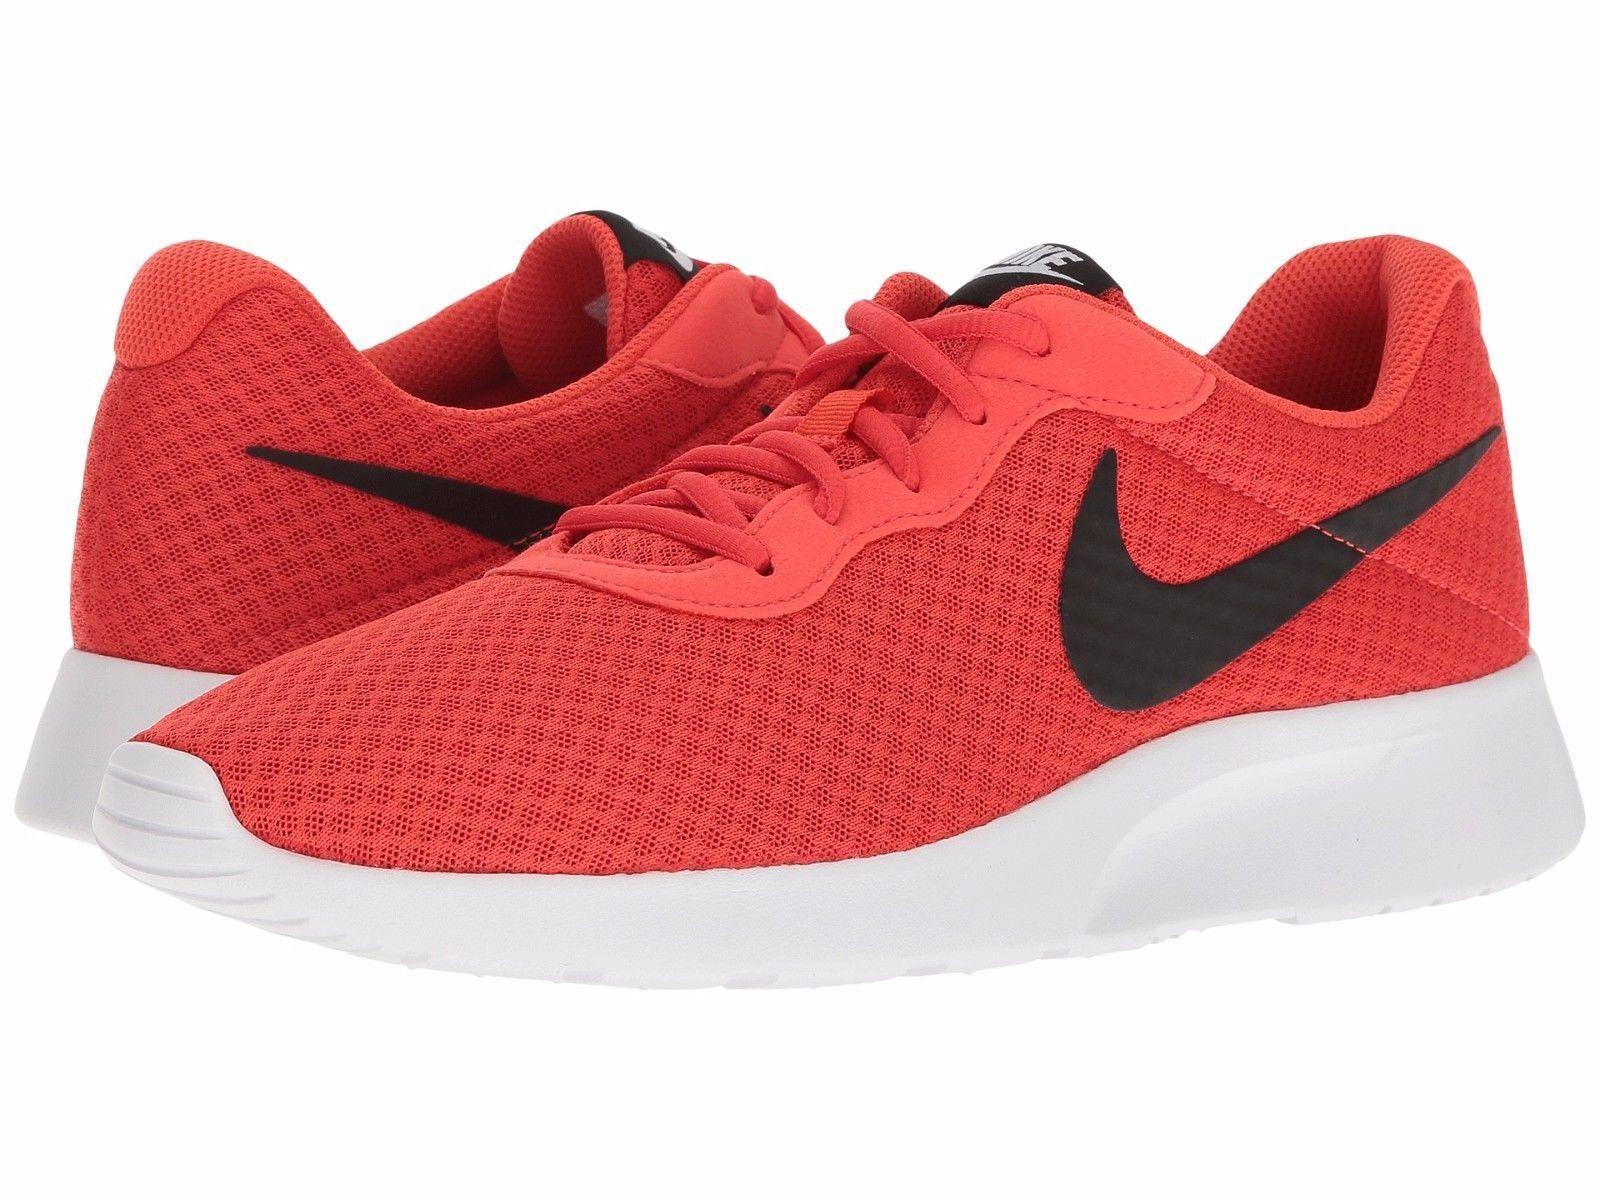 Uomini tanjun scarpe nike max pennino arancione / bianco nero sz - pennino max 812654-800 6b569c